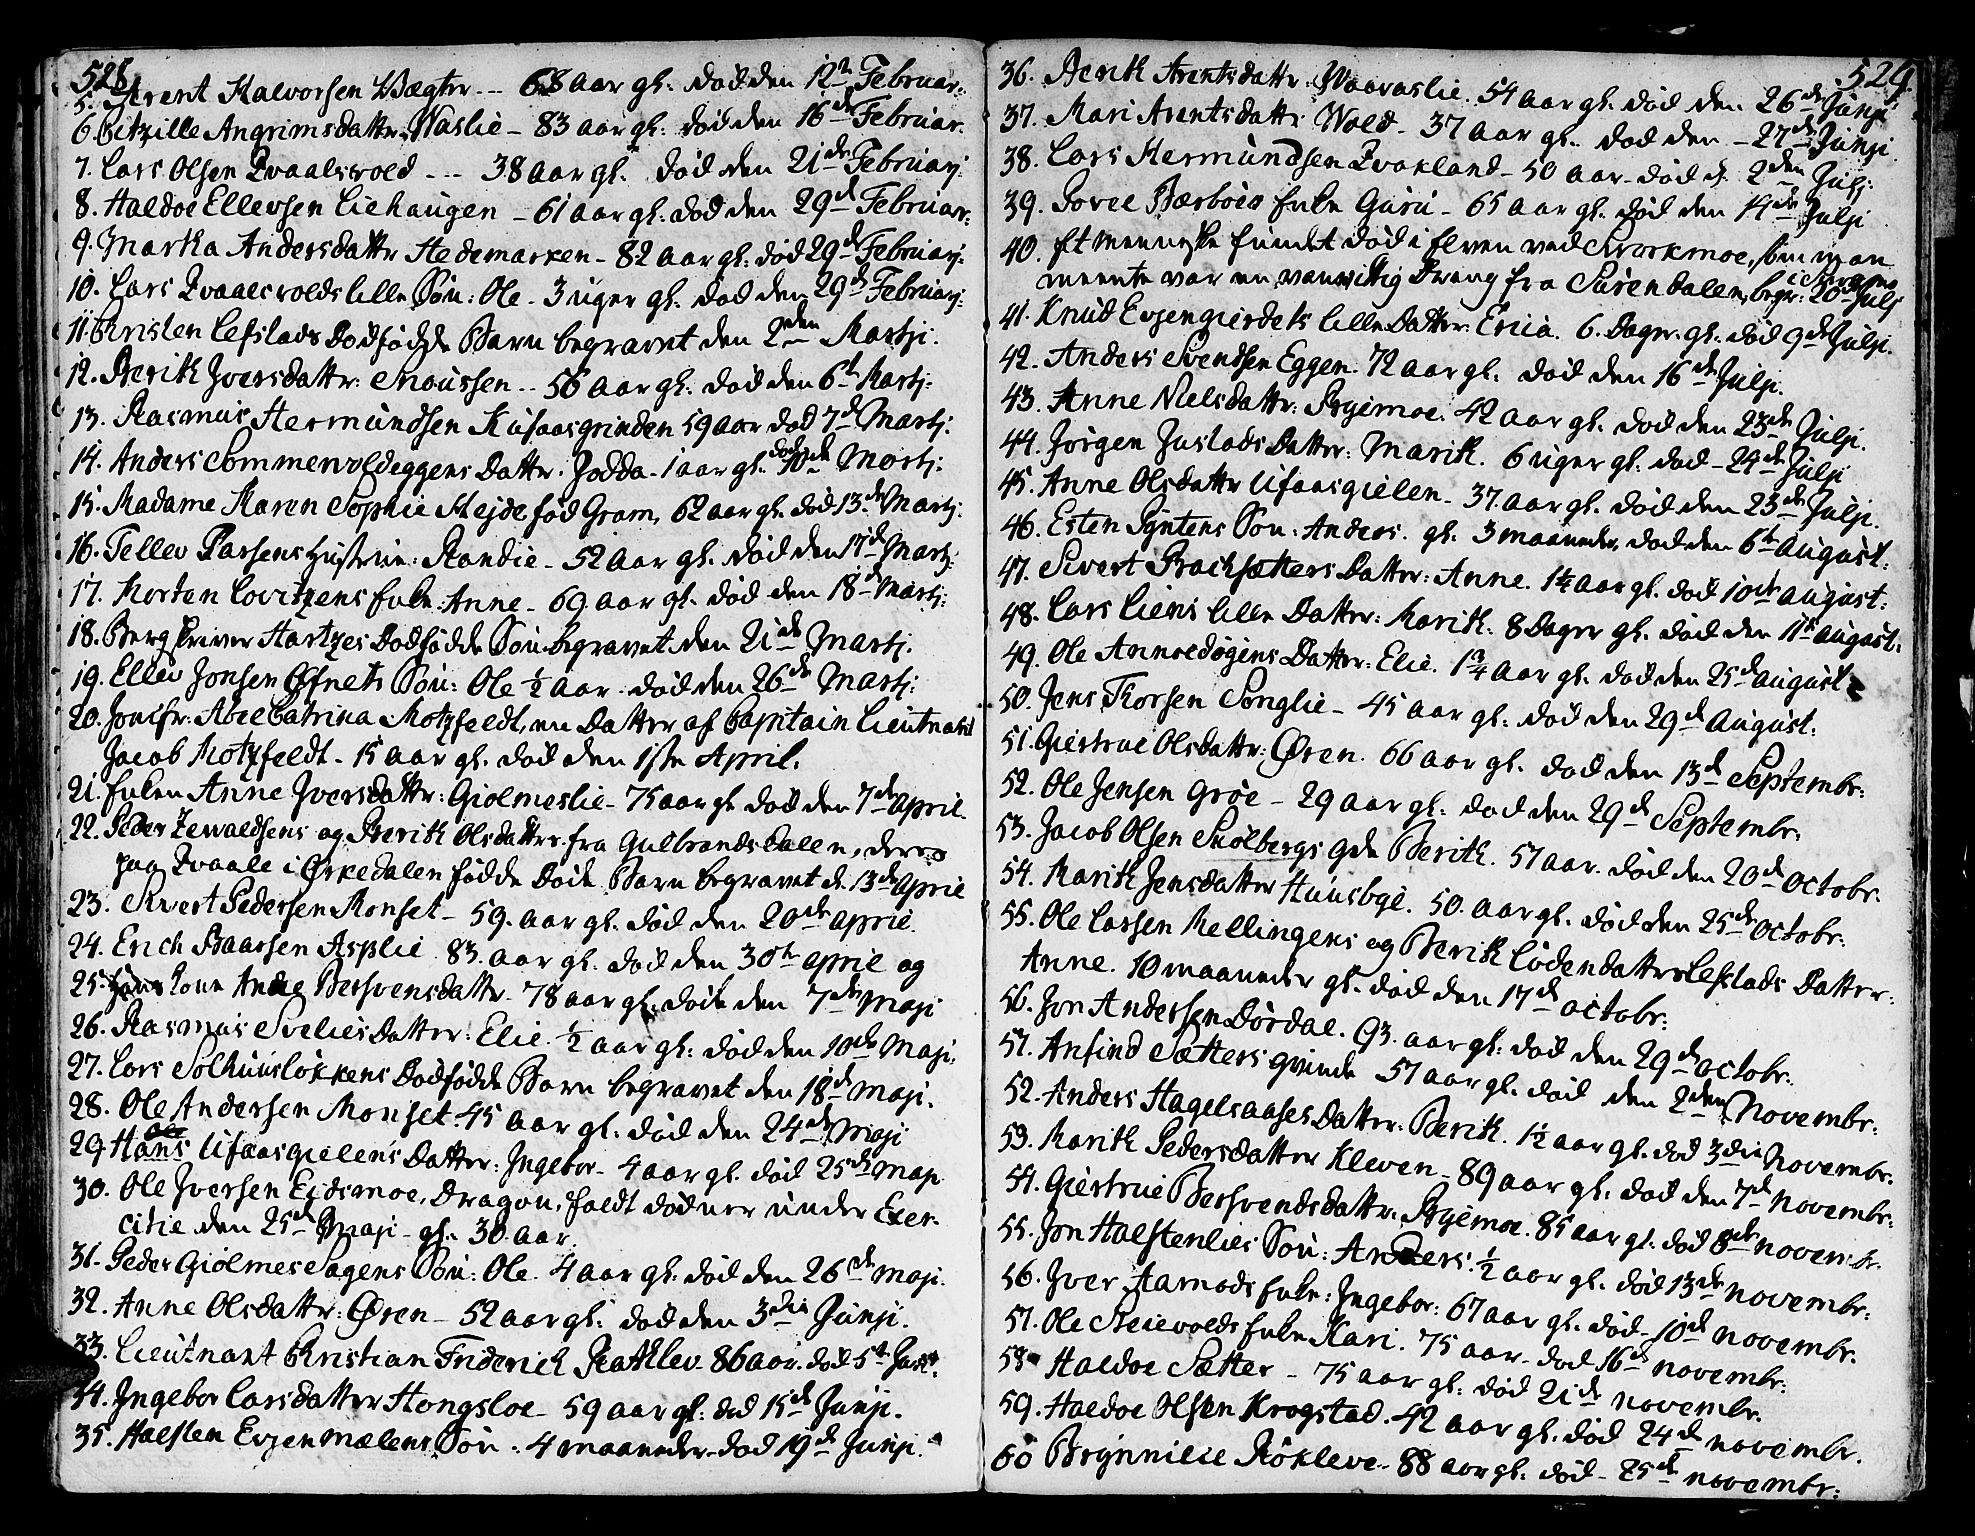 SAT, Ministerialprotokoller, klokkerbøker og fødselsregistre - Sør-Trøndelag, 668/L0802: Ministerialbok nr. 668A02, 1776-1799, s. 528-529